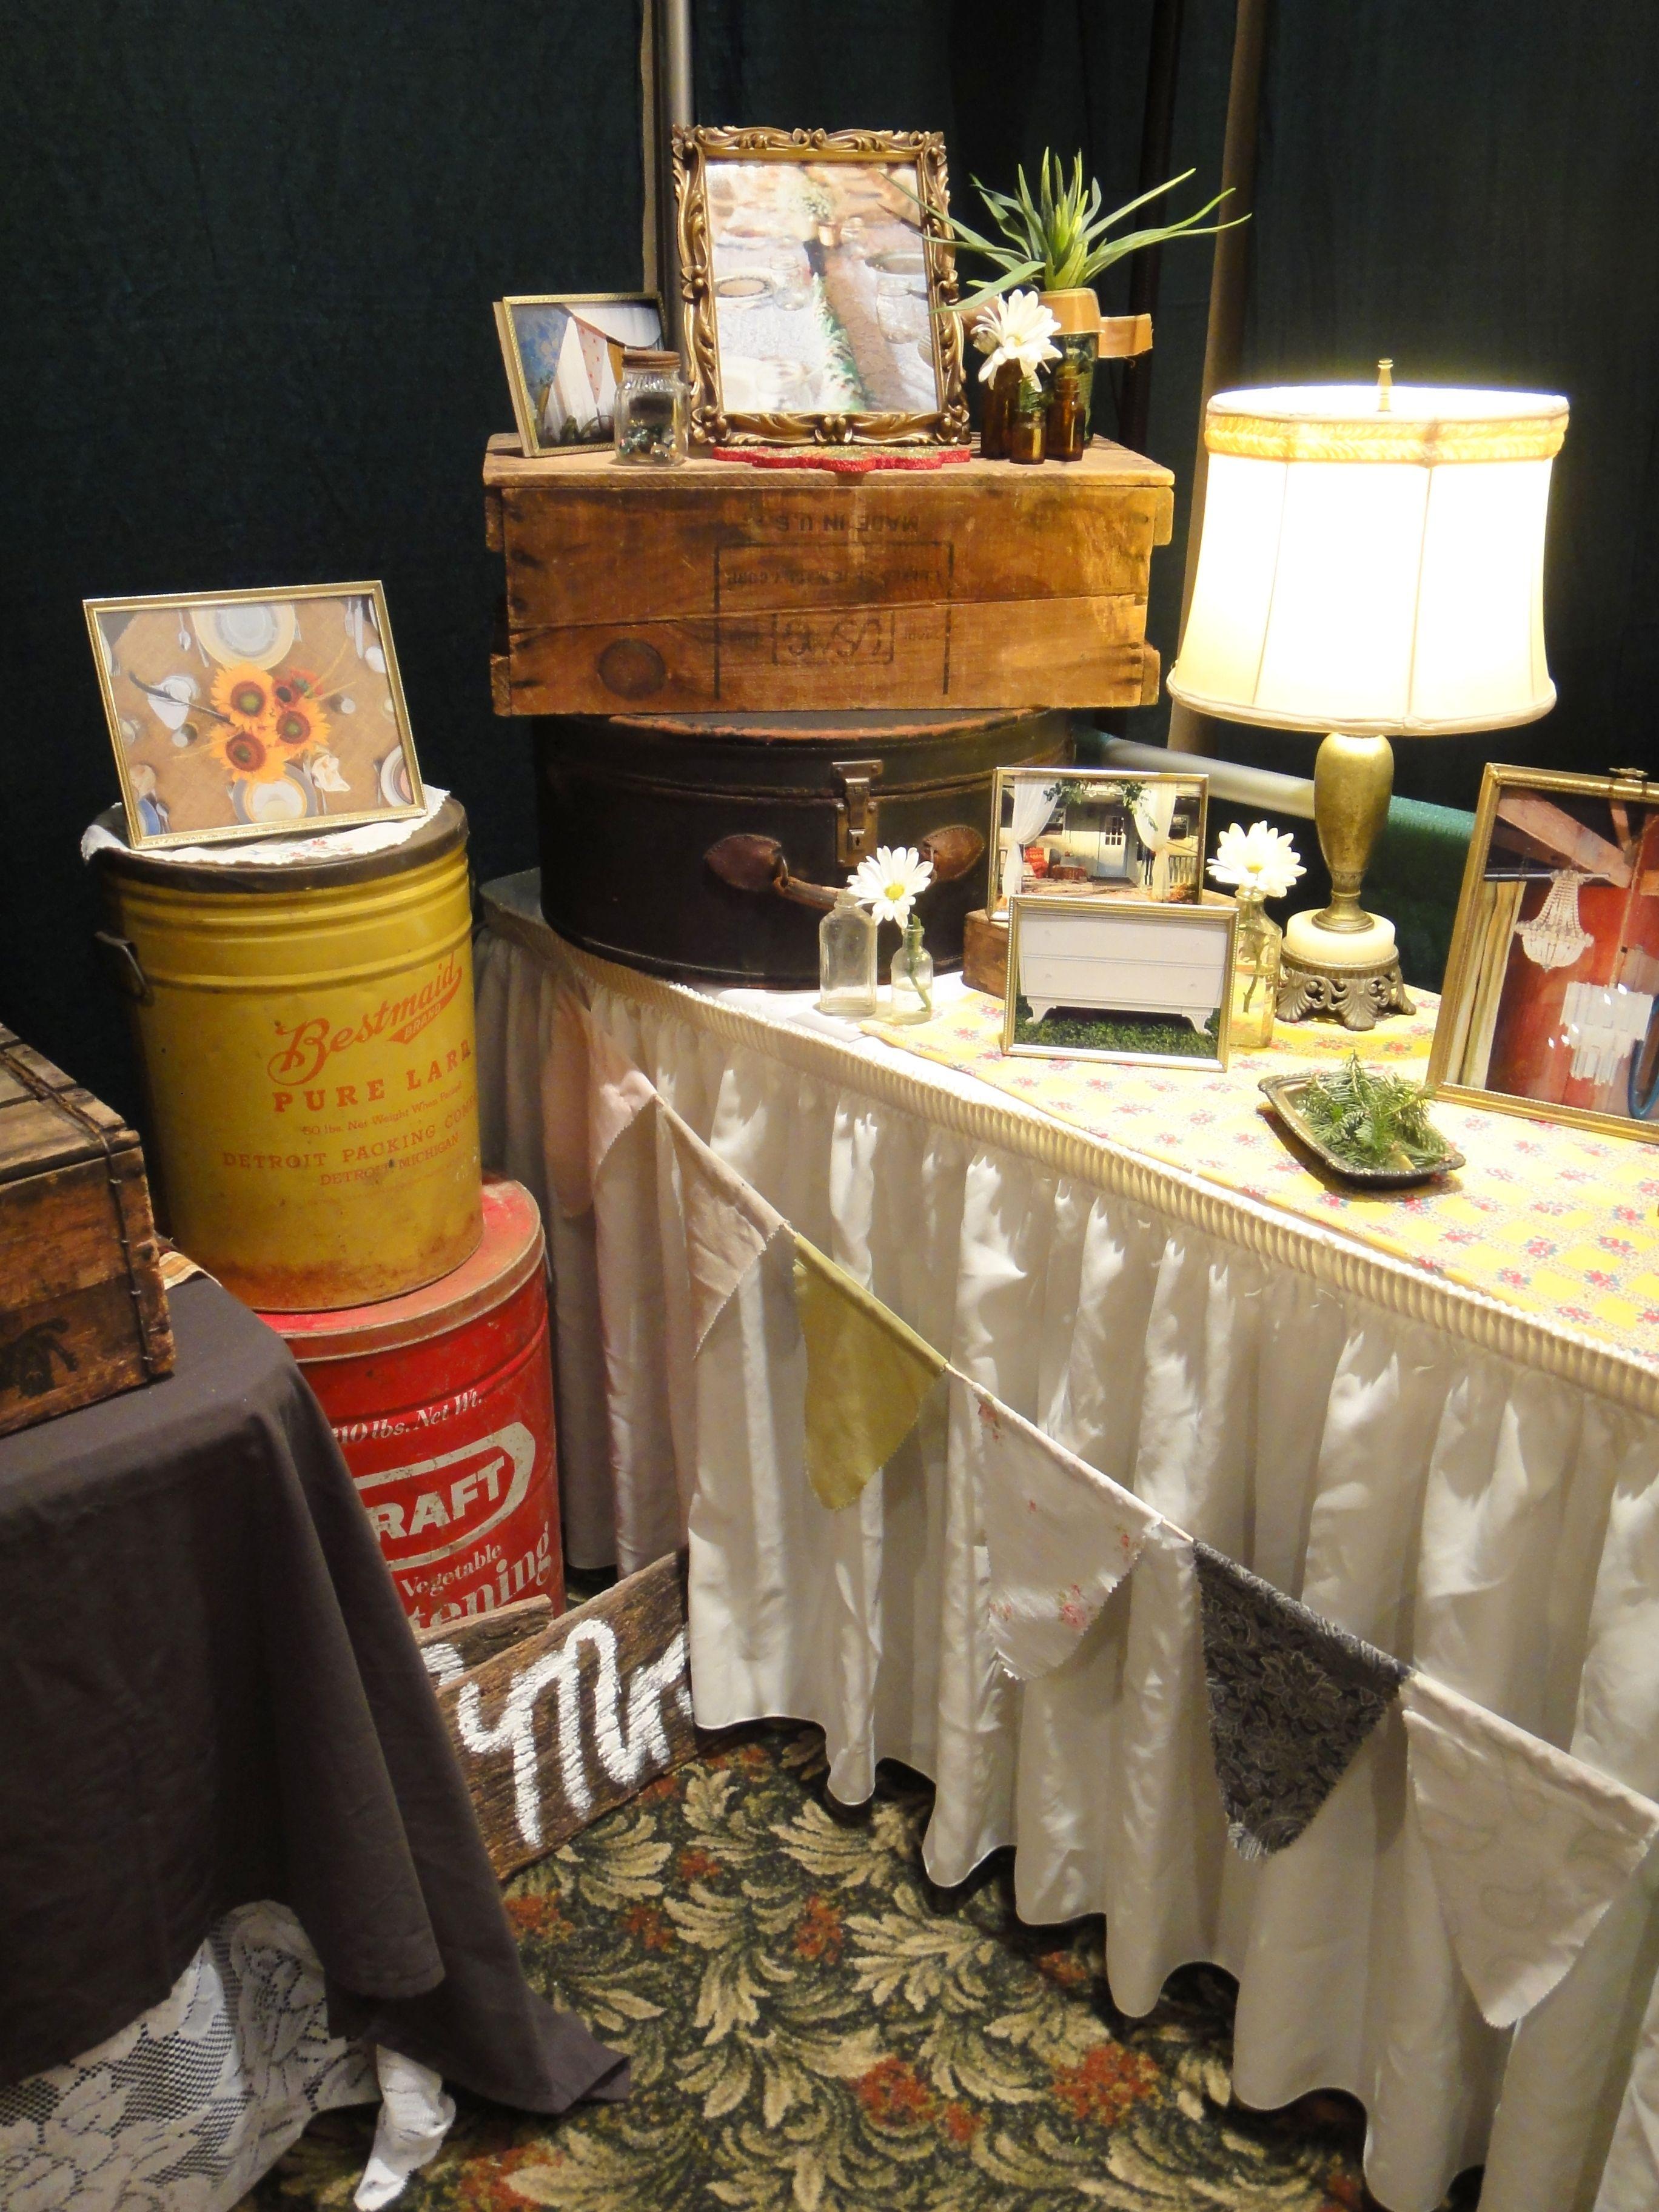 Vintage Wedding Reception Props Set Up